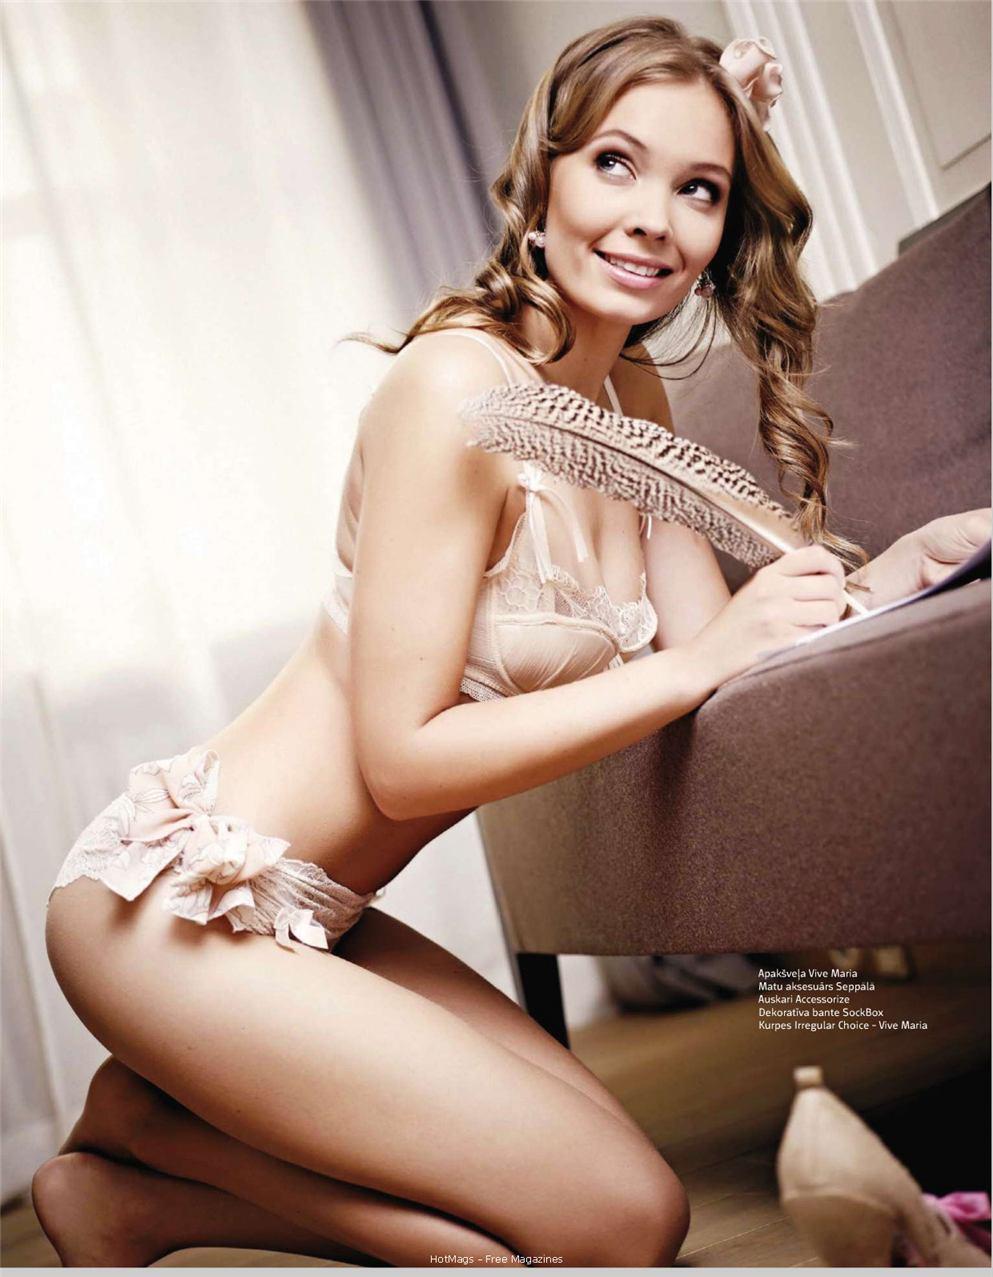 Анна Розите / Anna Rozite in Playboy Latvia october 2010